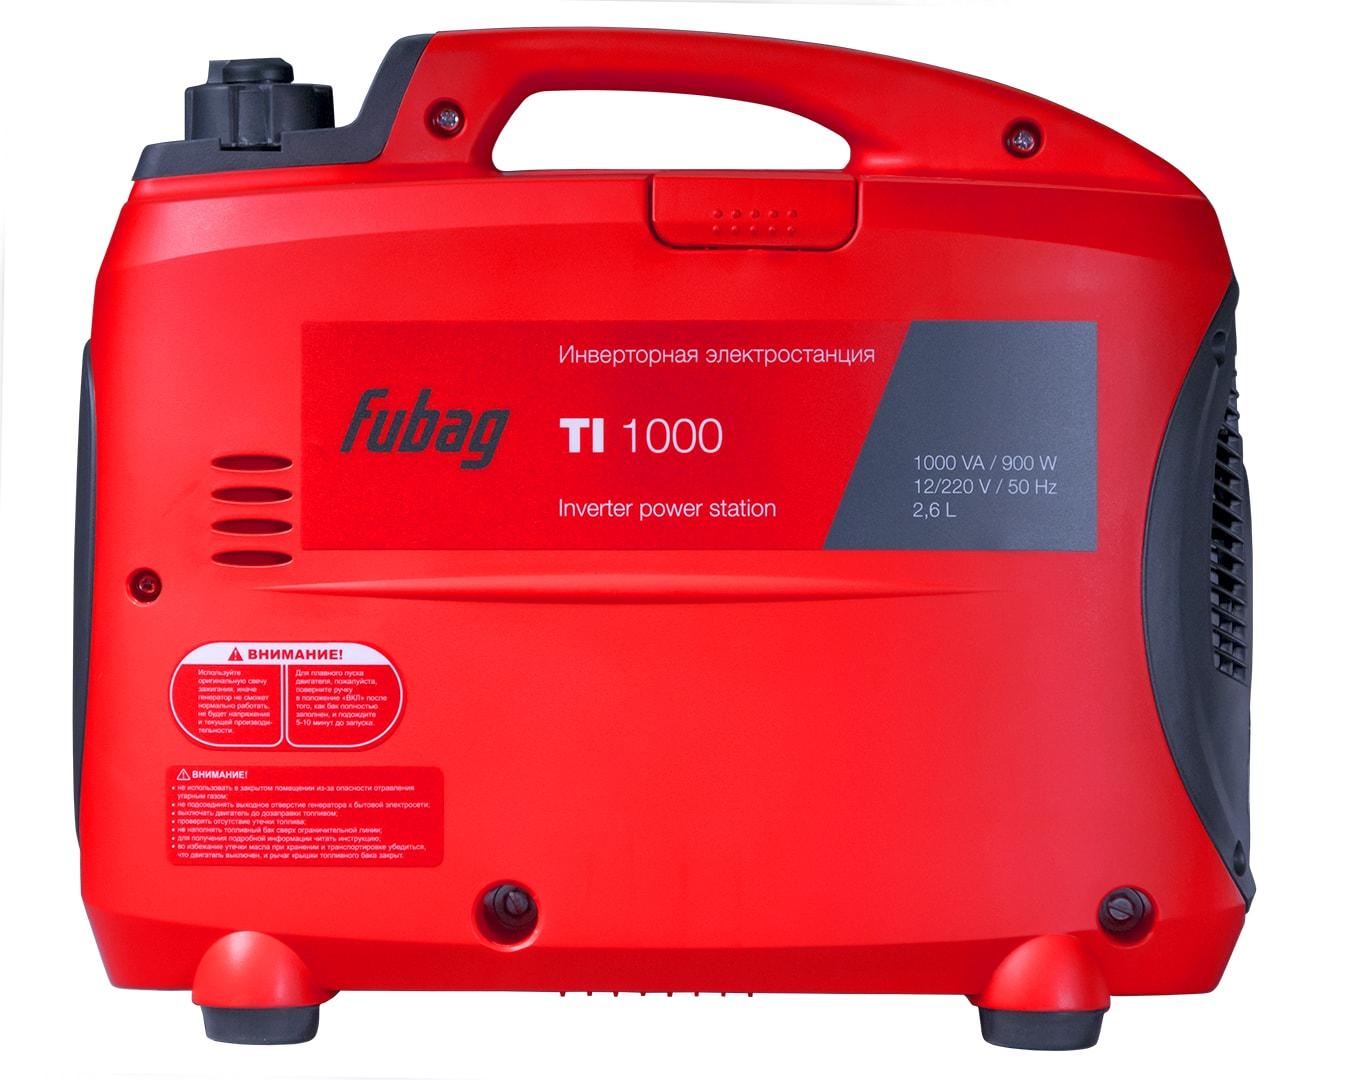 бензиновая электростанция fubag ti 1000